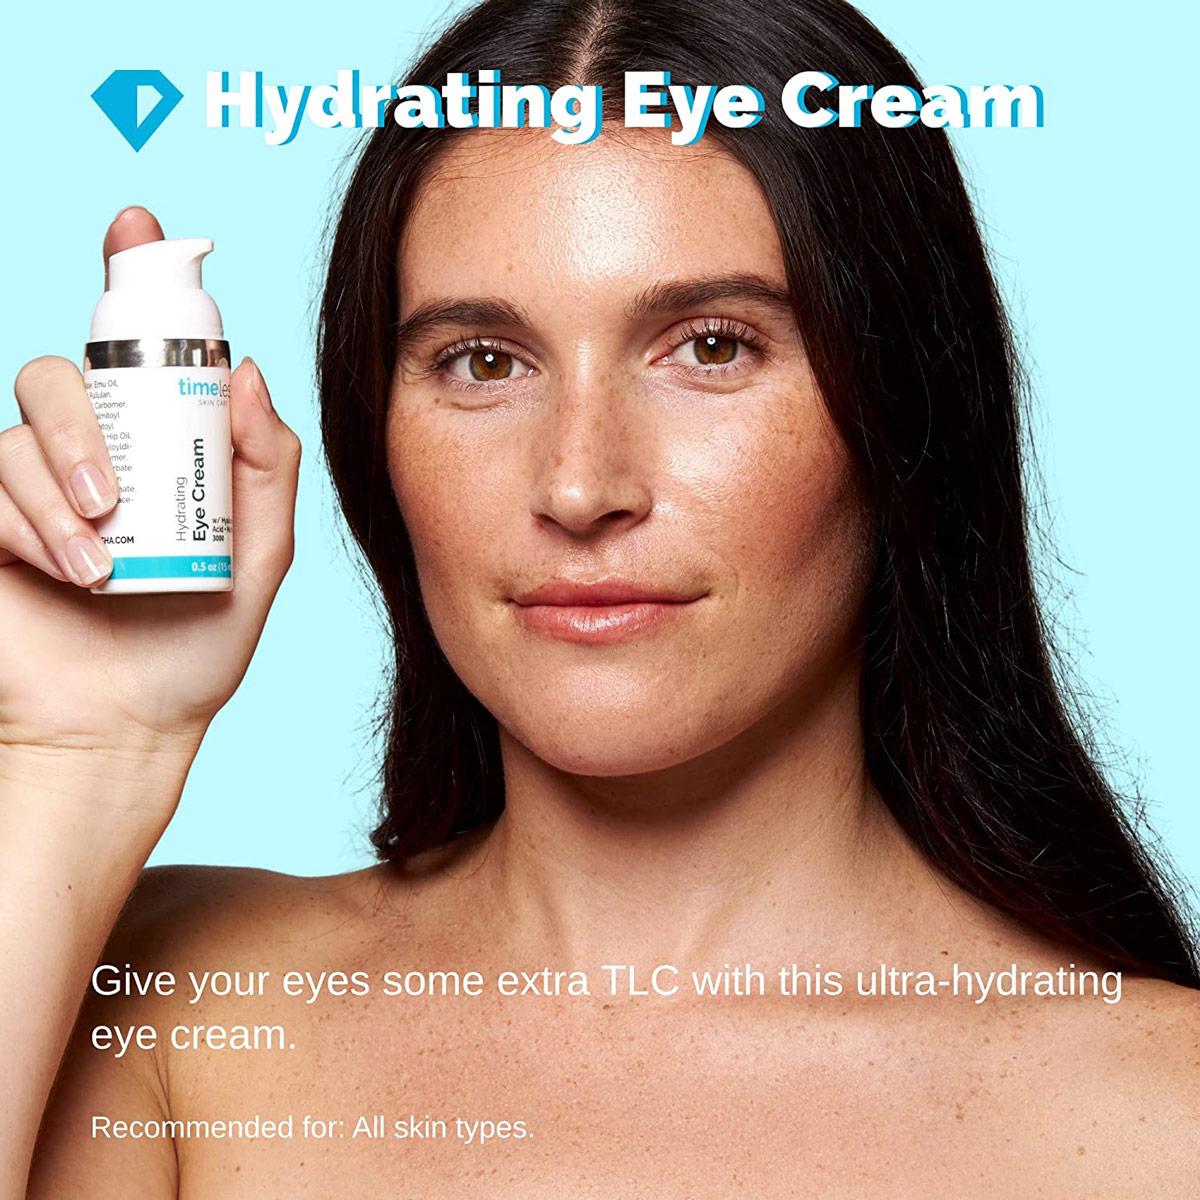 Kem Dưỡng Mắt Timeless Hydrating Eye Cream chứa nồng độ 2.4% Matrixyl®️ 3000 có tác dụng tối đa hóa quá trình tổng hợp collagen kết hợp với Hyaluronic Acid giúp dưỡng ẩm mạnh mẽ.